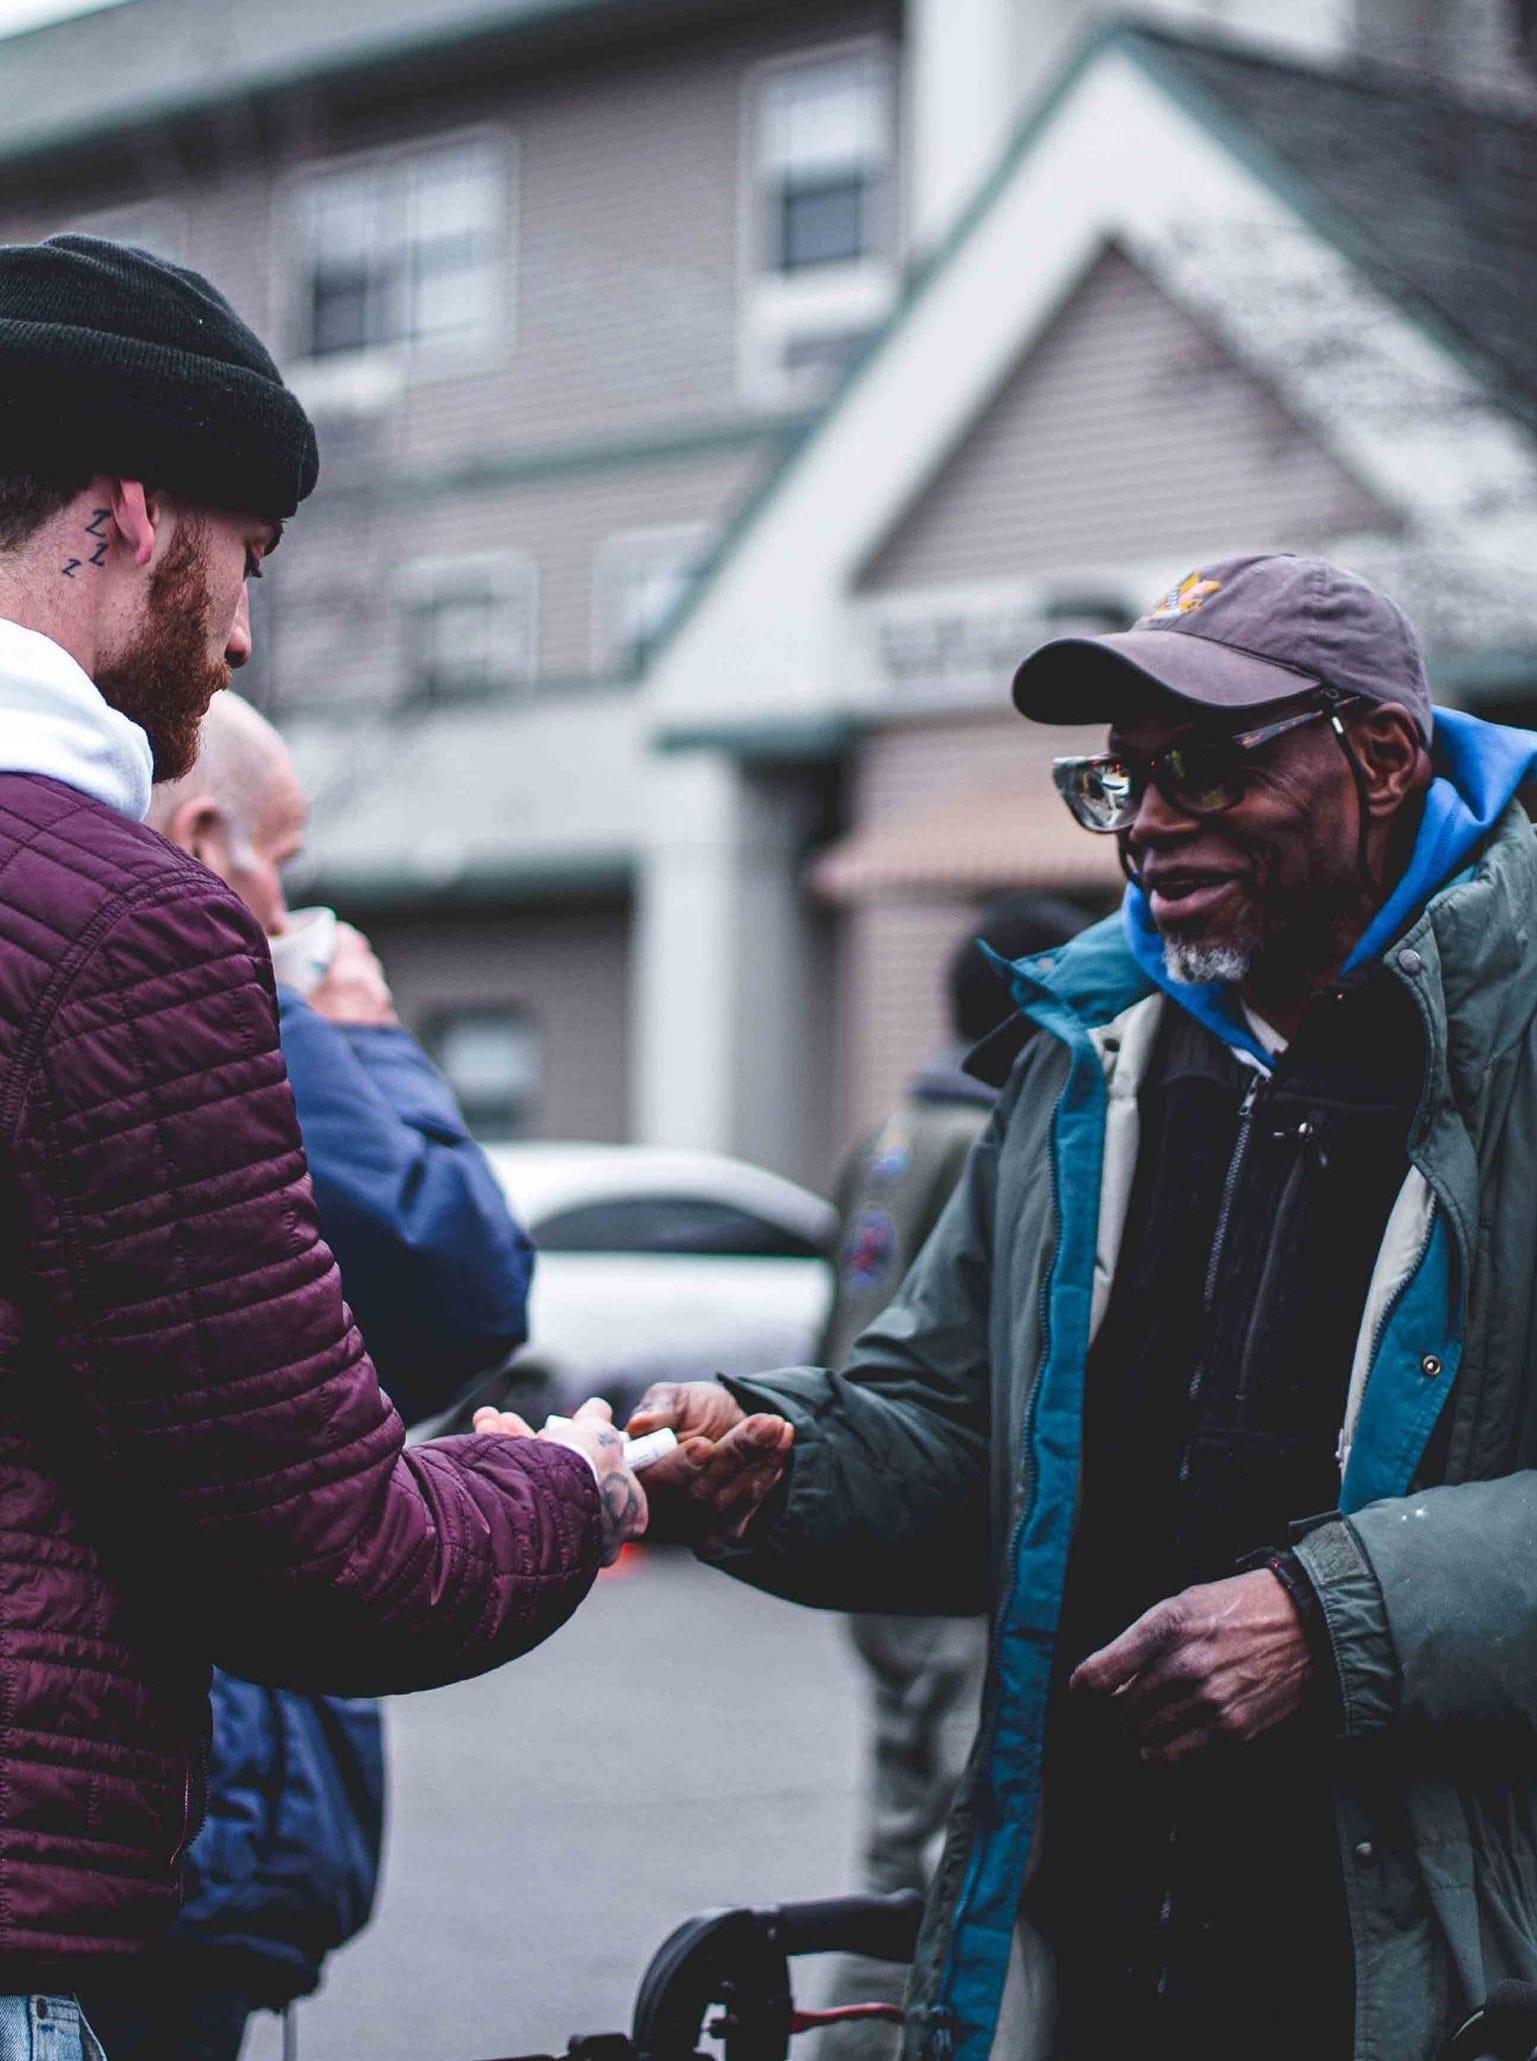 A volunteer giving a man chapstick